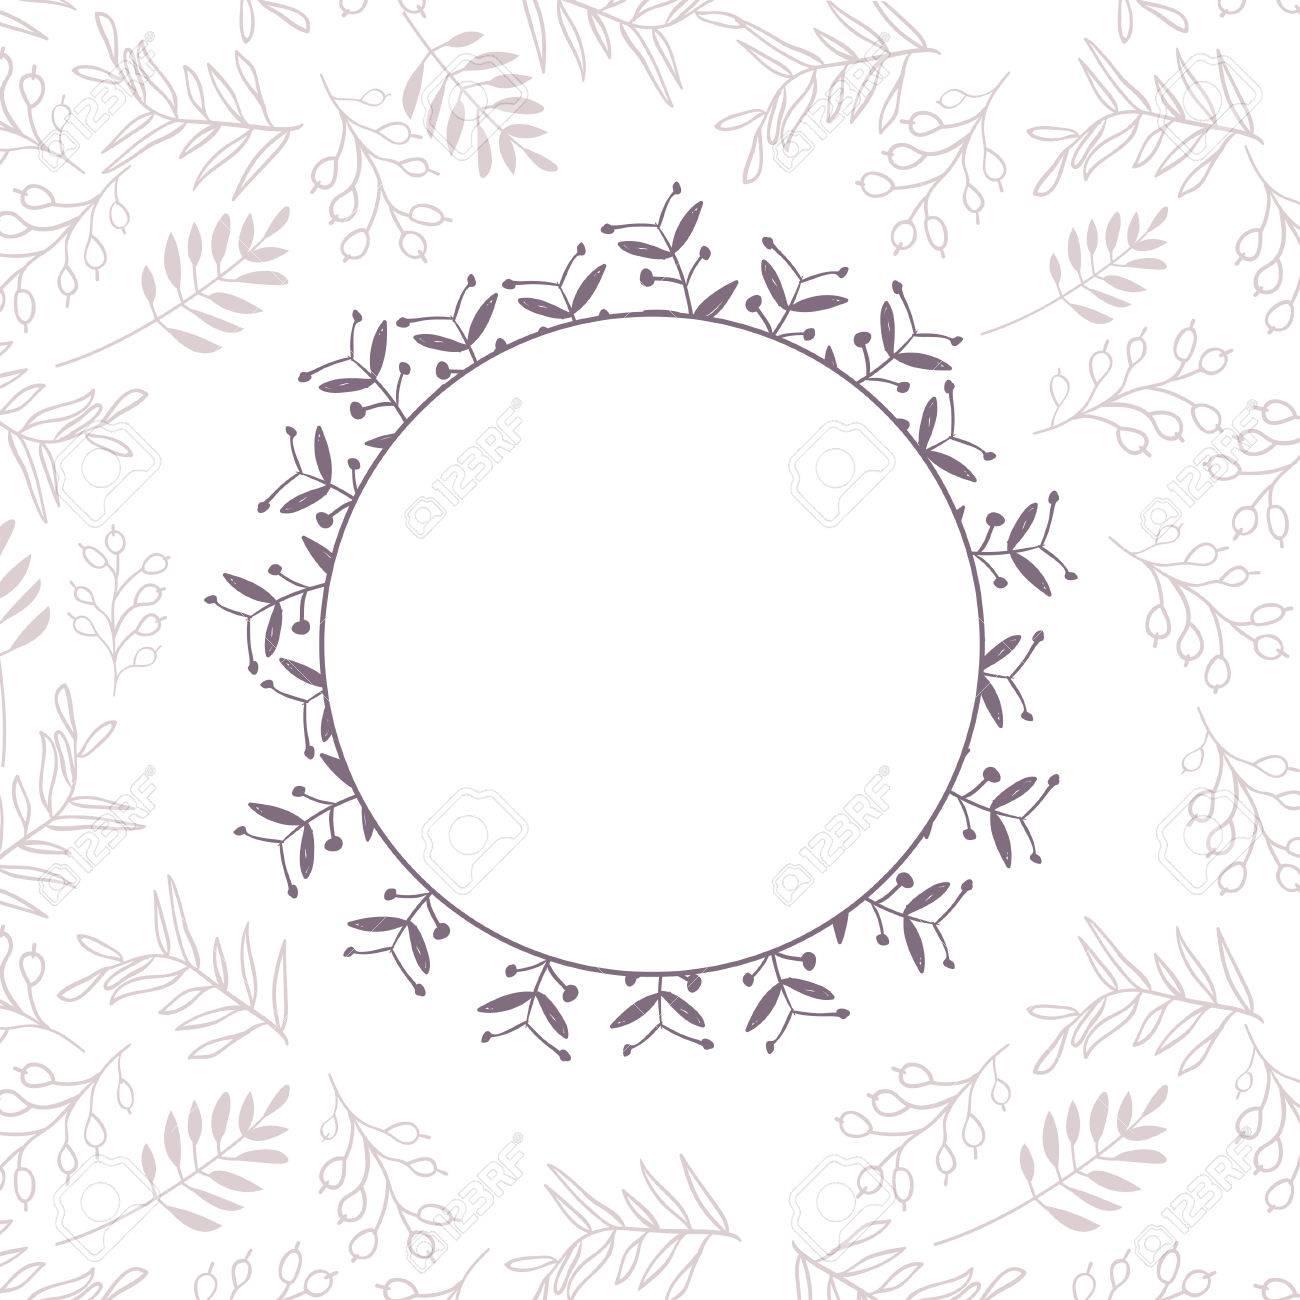 抽象的なベクトル花茶色ボーダーカードのテンプレート フレーム